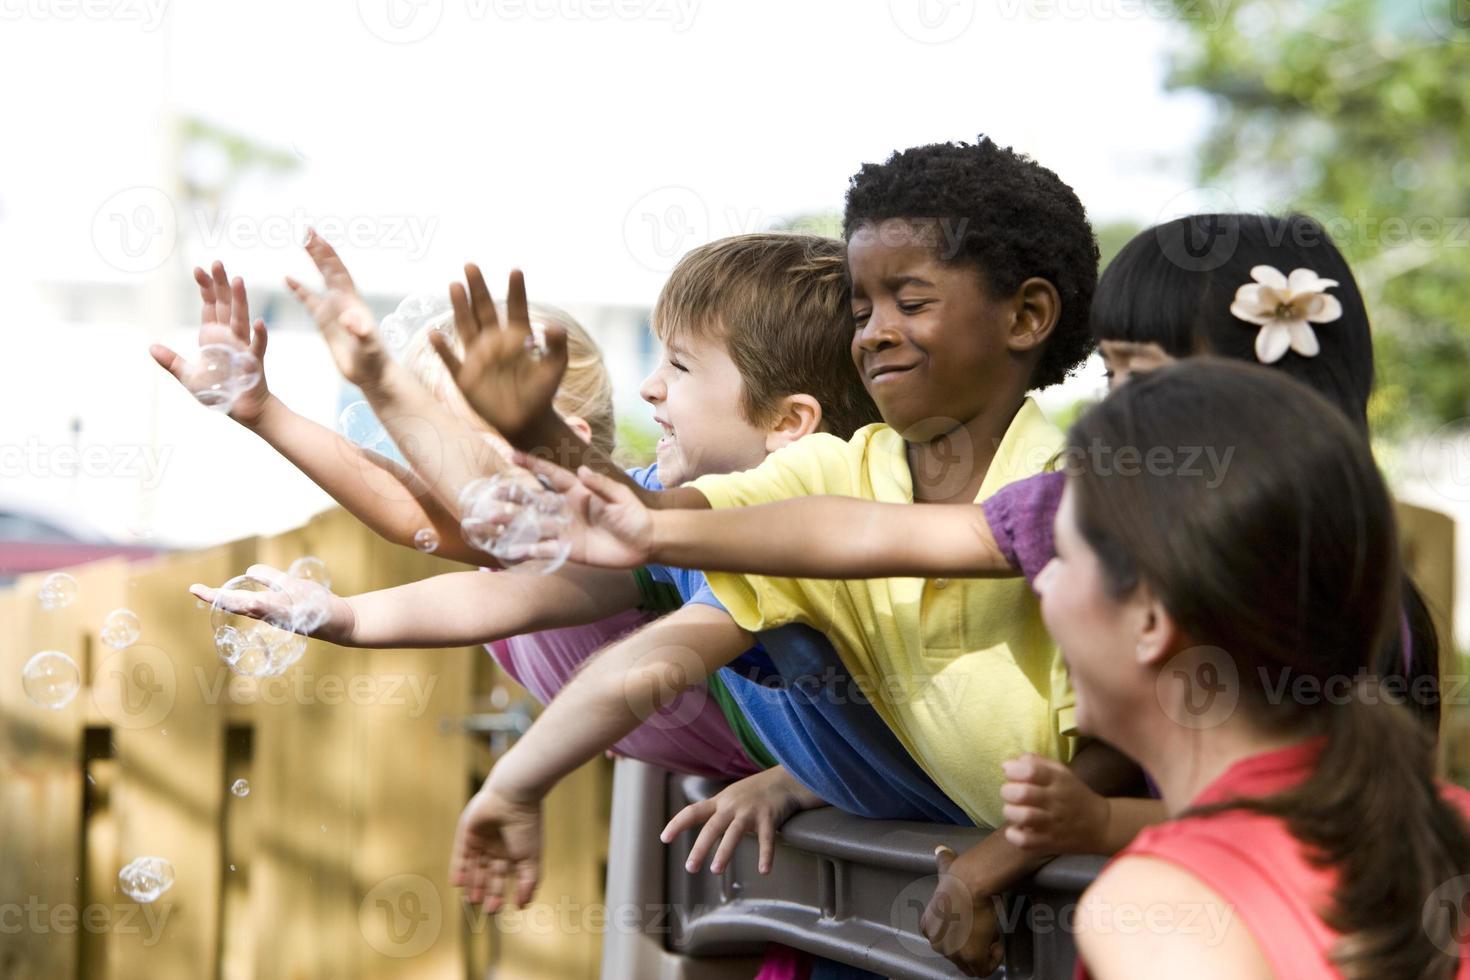 gruppo eterogeneo di bambini in età prescolare che giocano all'asilo con l'insegnante foto